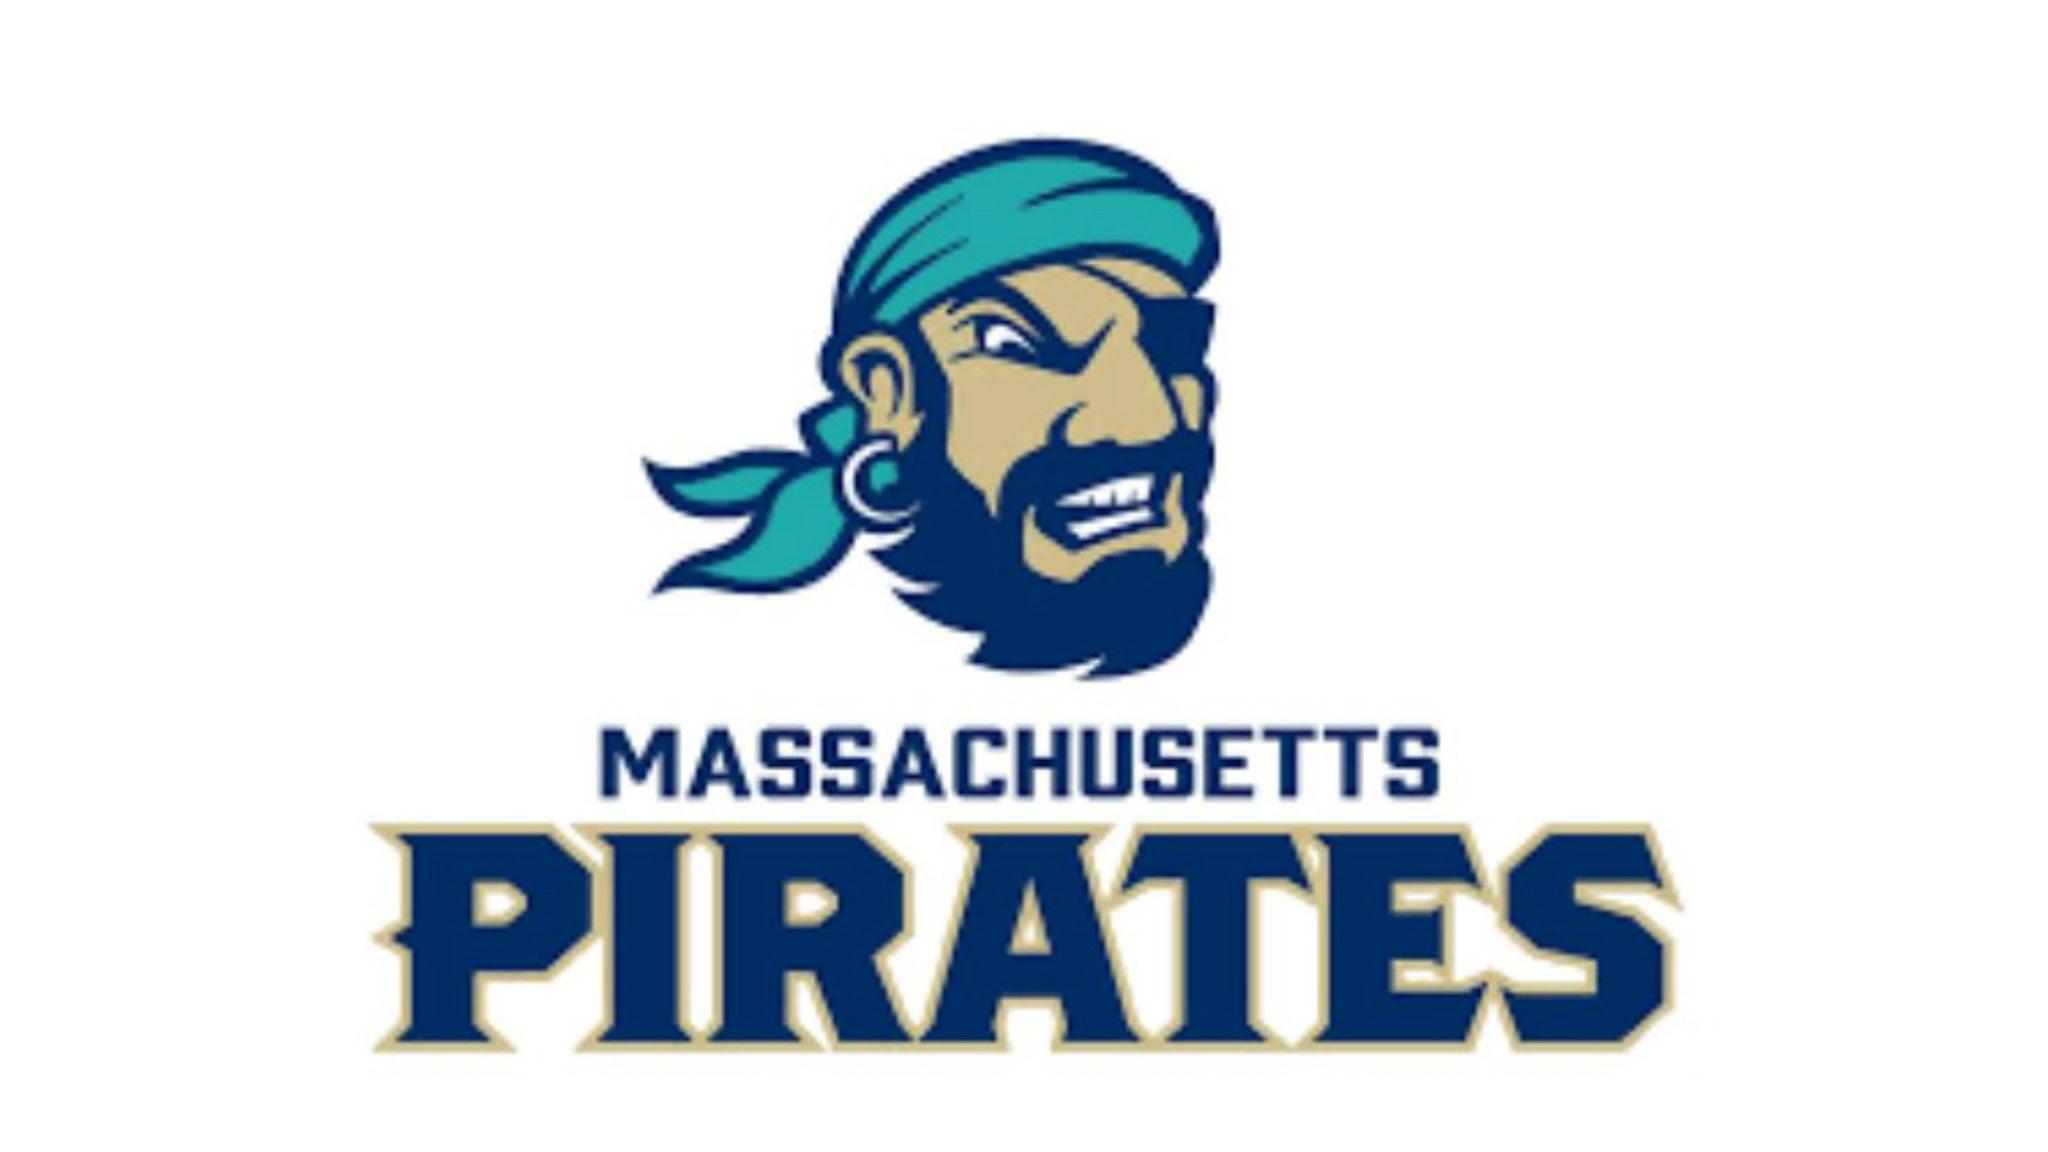 Massachusetts Pirates vs. Orlando Predators at DCU Center